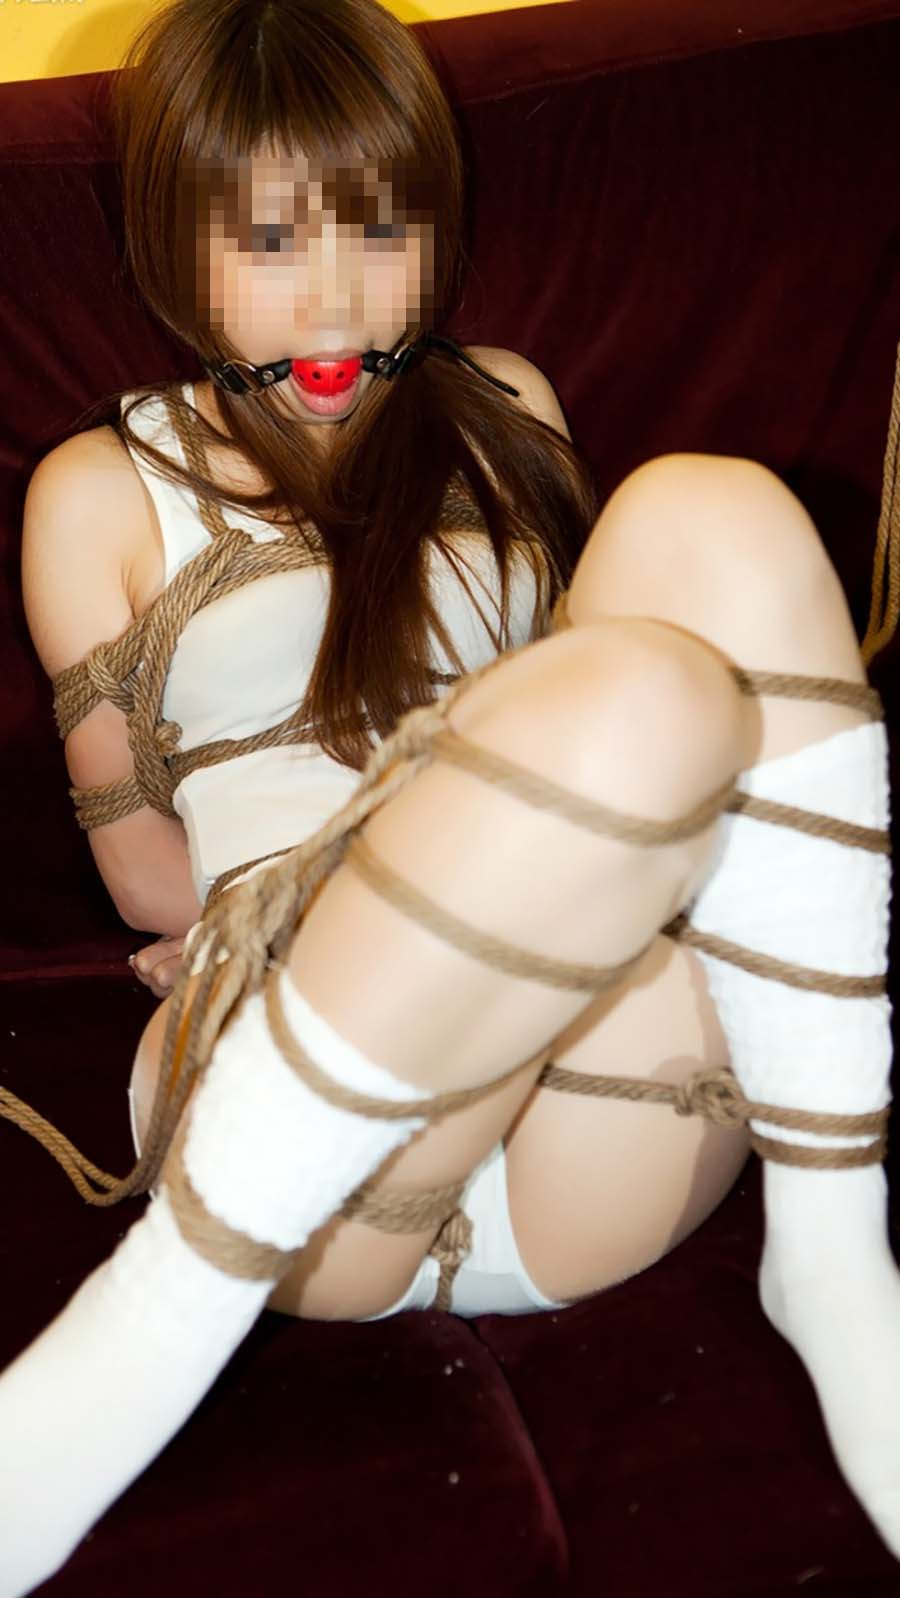 (SM)縄で緊縛縛りされたドM肉便器が愛おしいわwwwwwwwwwwww(写真あり)